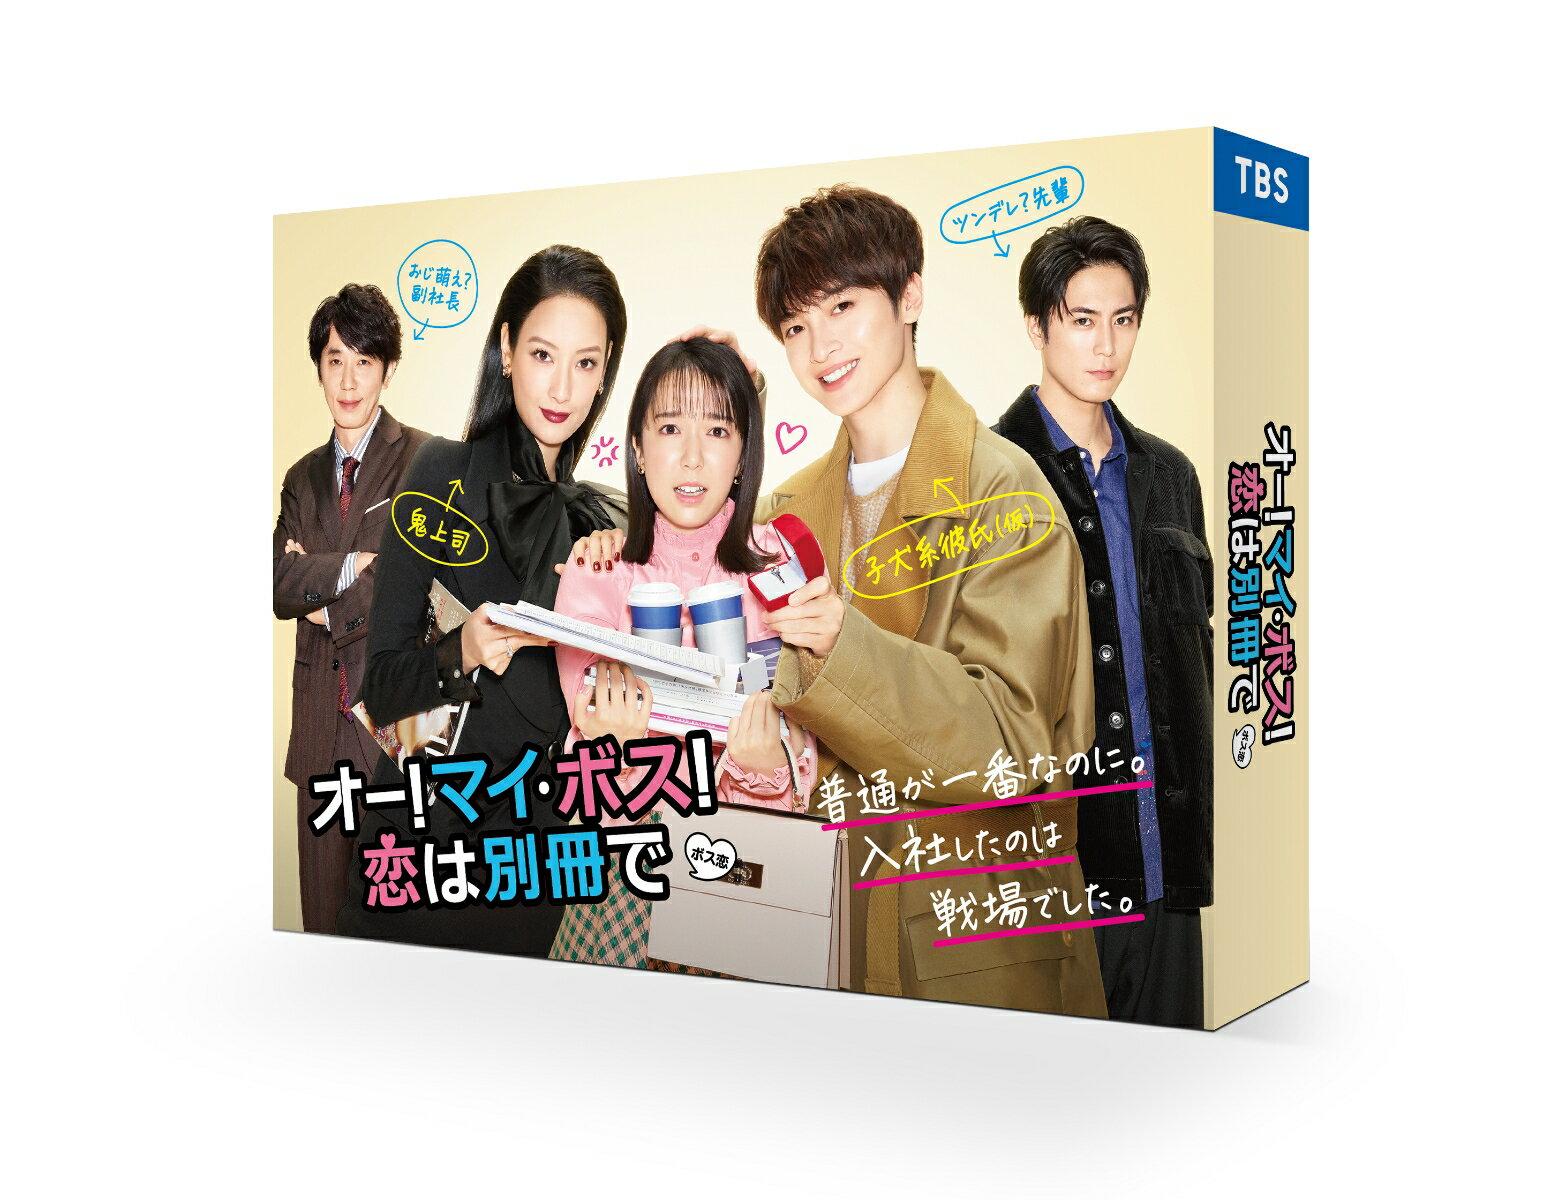 オー!マイ・ボス!恋は別冊で Blu-ray BOX【Blu-ray】